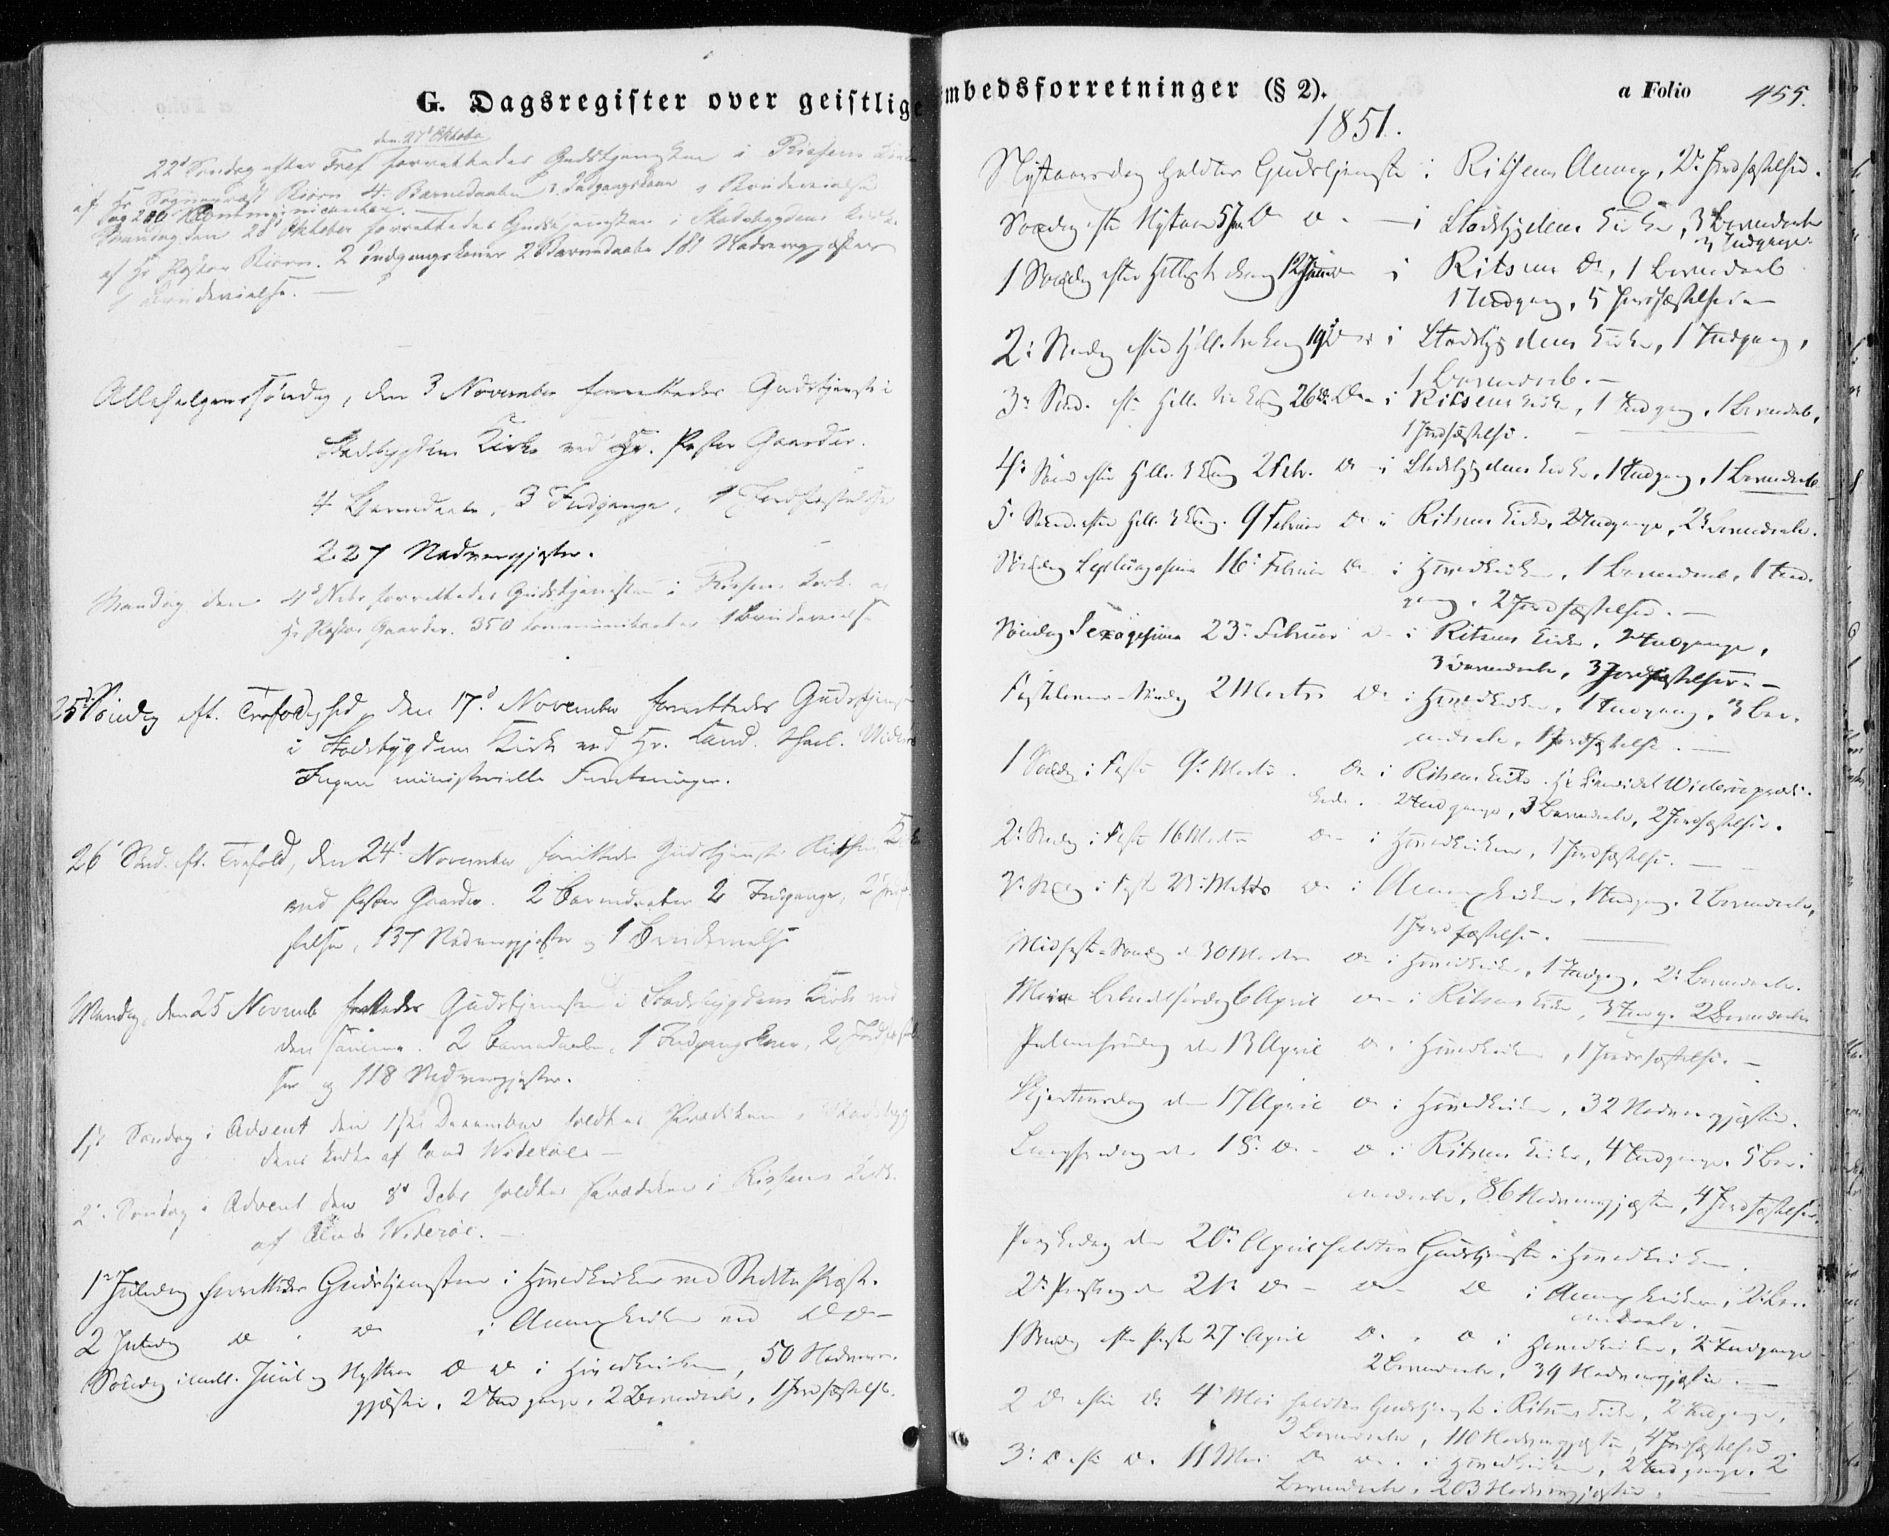 SAT, Ministerialprotokoller, klokkerbøker og fødselsregistre - Sør-Trøndelag, 646/L0611: Ministerialbok nr. 646A09, 1848-1857, s. 455